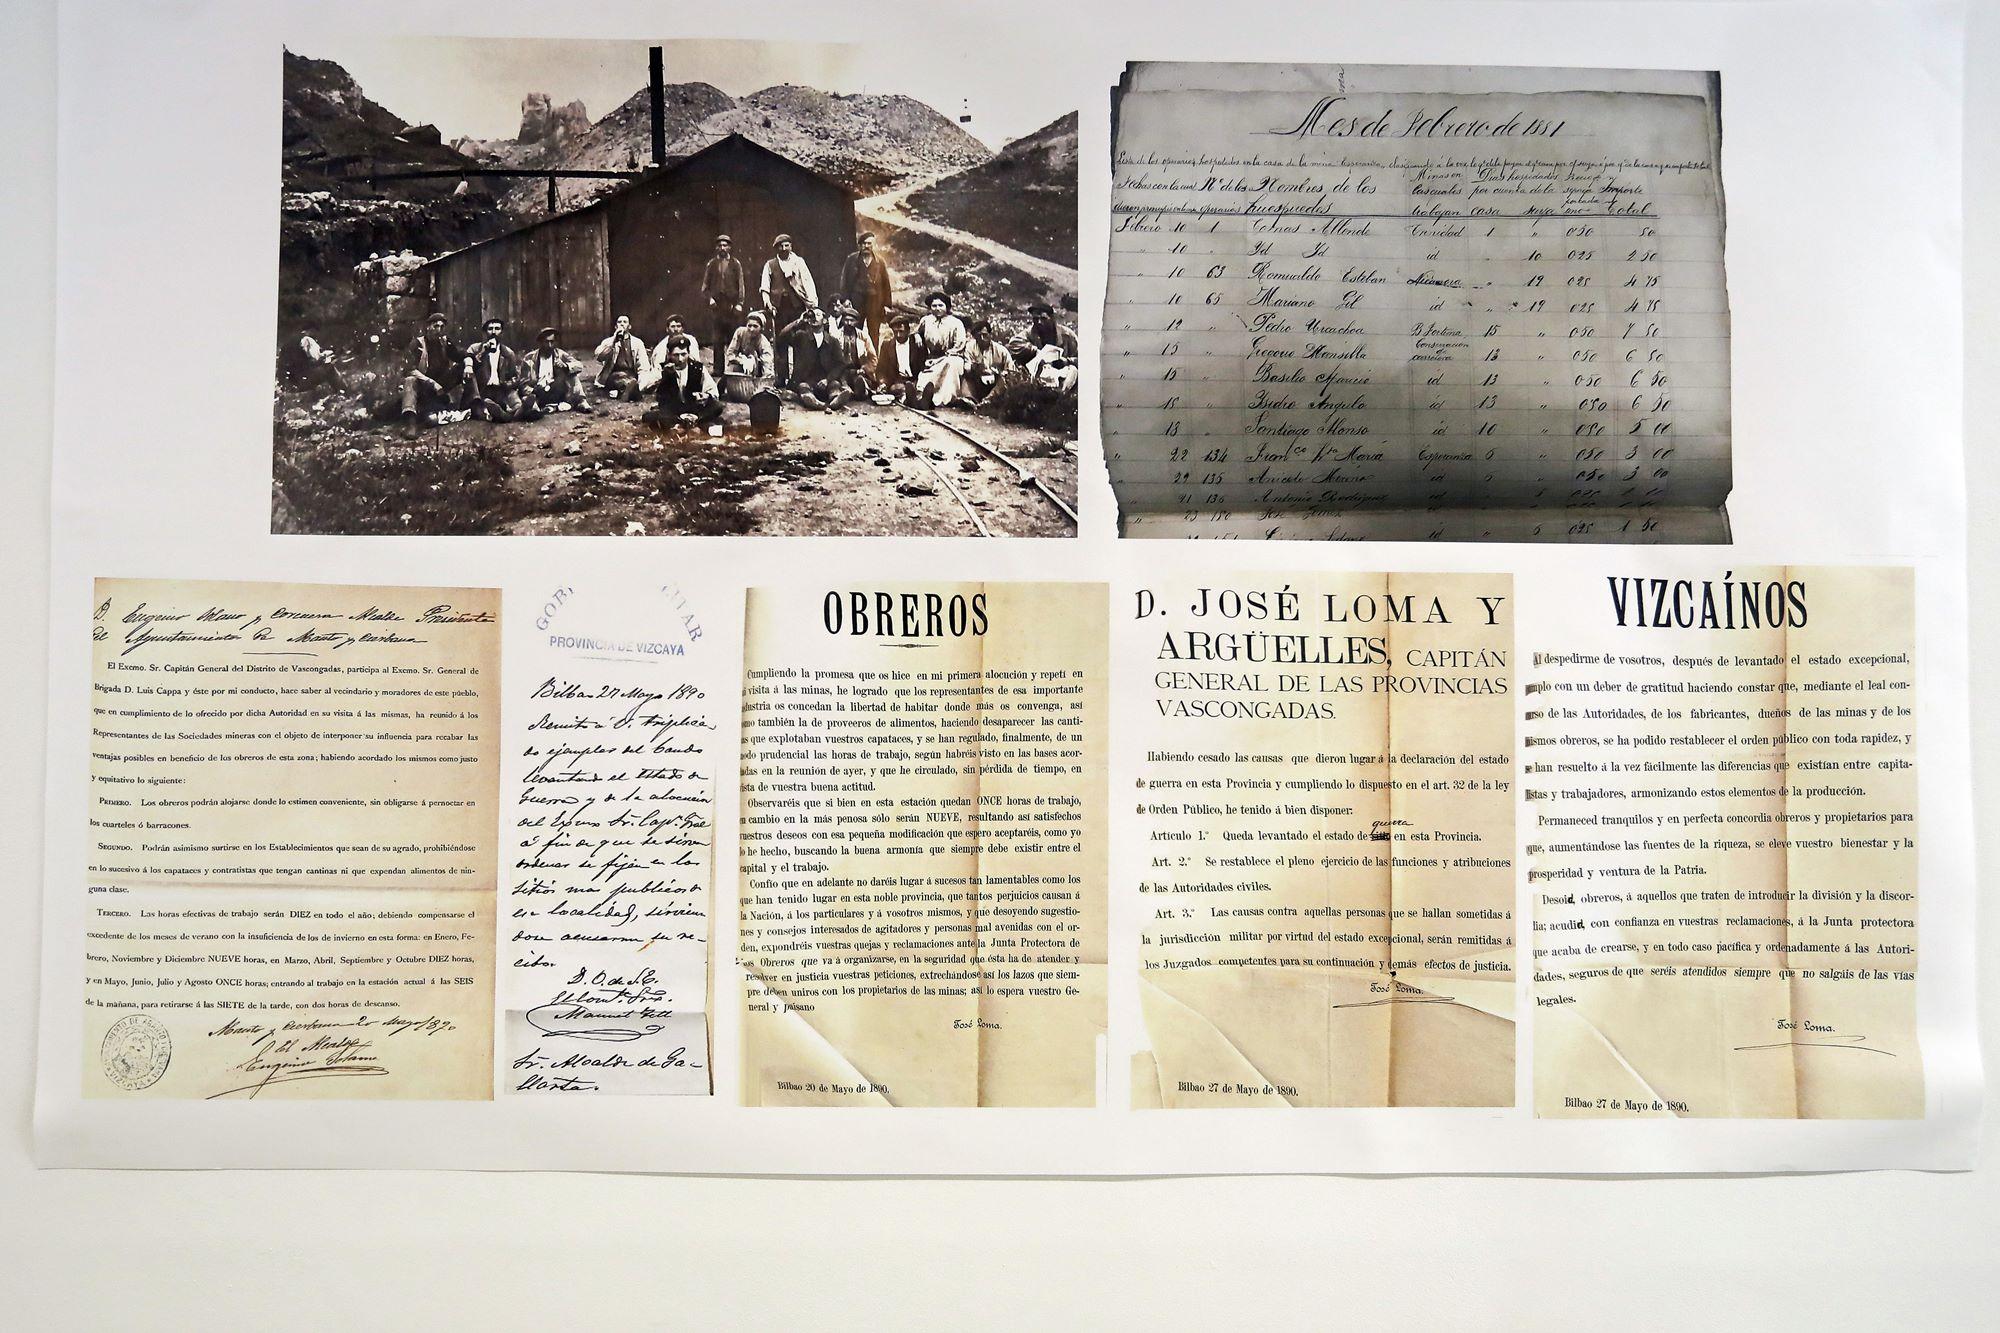 Documentos que, de alguna manera, escribieron la historia de los mineros vascos.